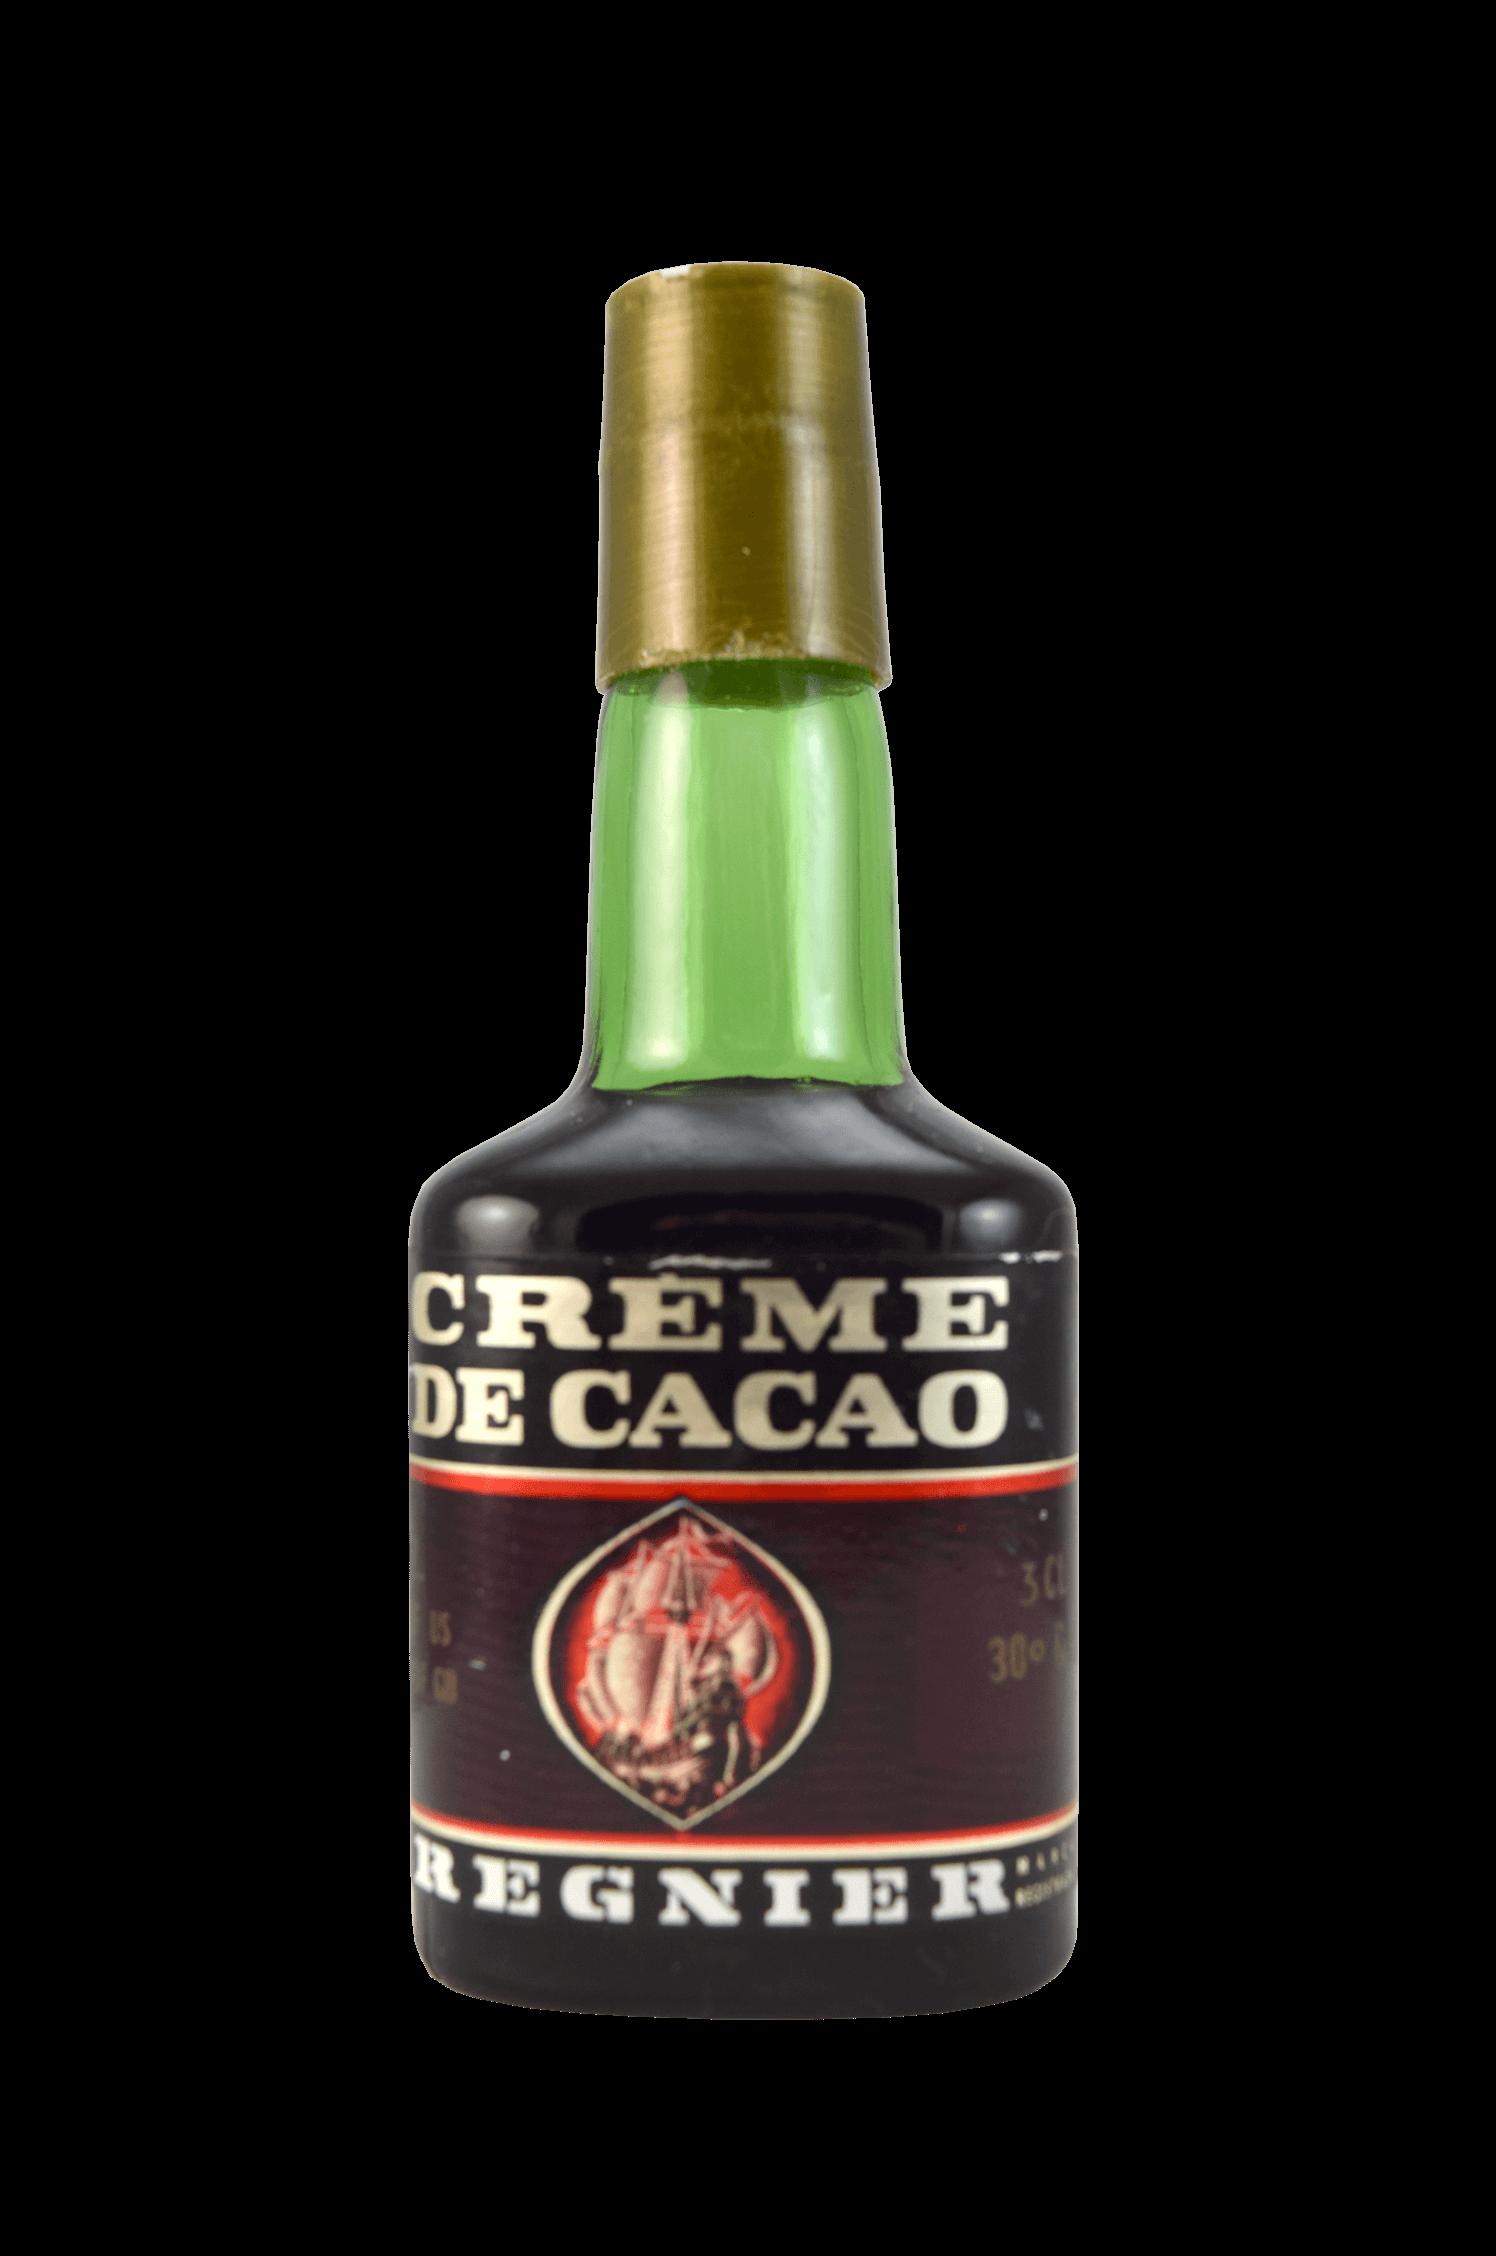 Regnier Creme De Cacao